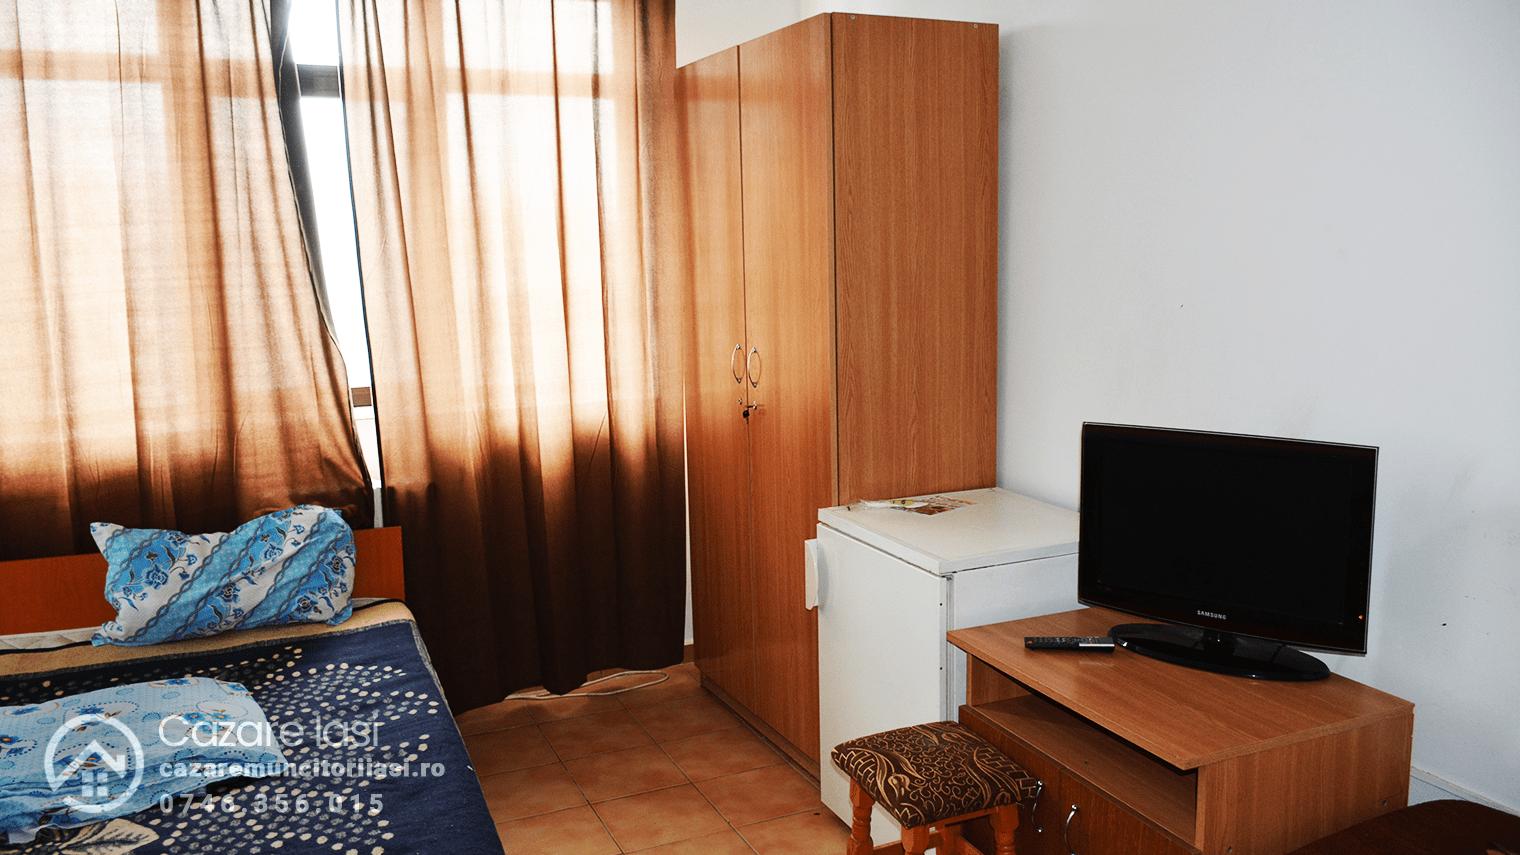 imagini hostel Iasi 2x